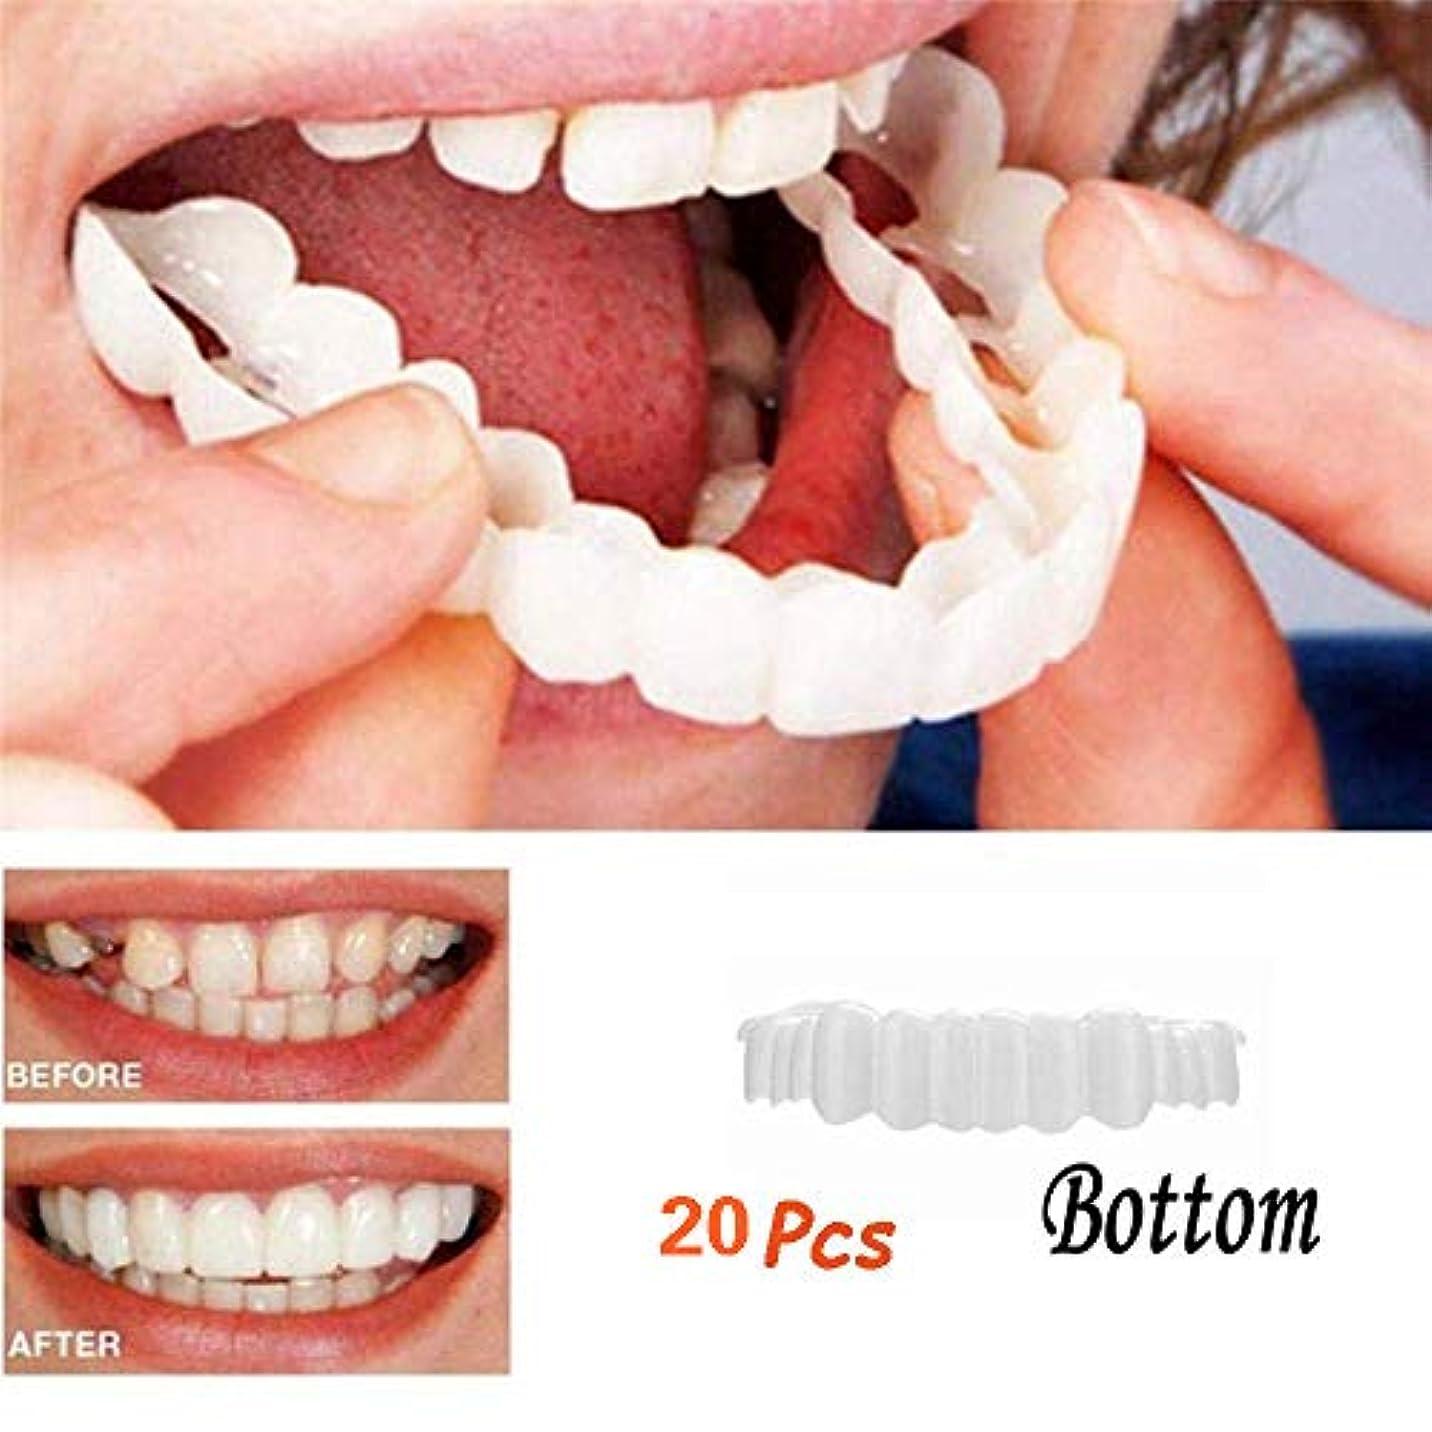 エラー吹雪条件付きボトム化粧品歯コンフォートフィットフレックス化粧品歯コーブ義歯歯磨き粉インスタントスマイルサイズにぴったり-20個